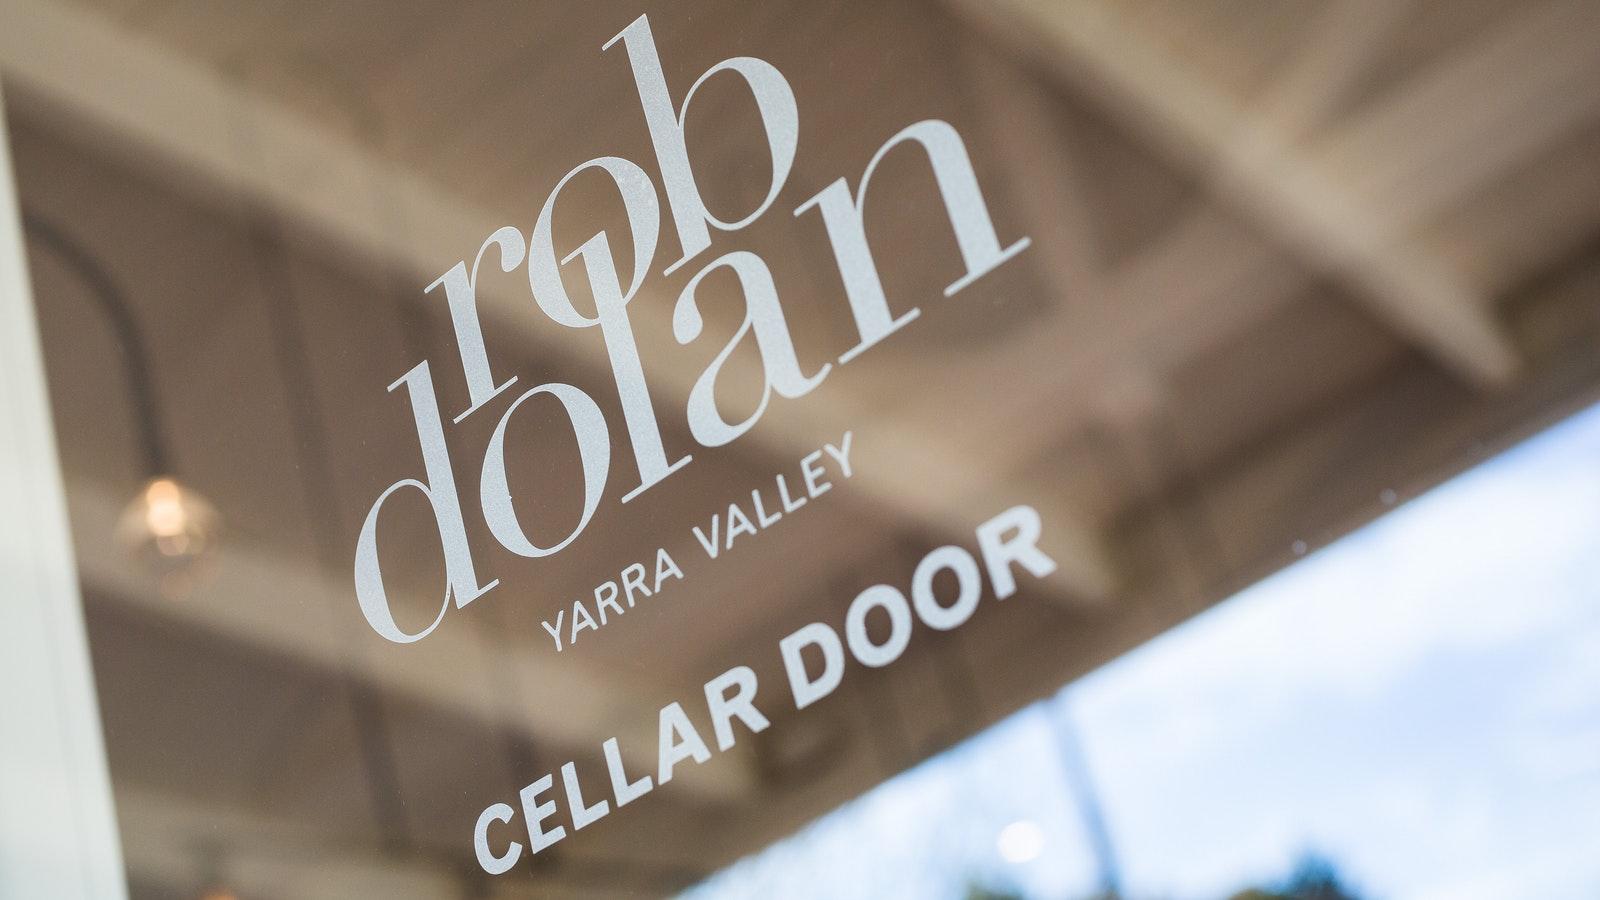 Cellar Door Entry